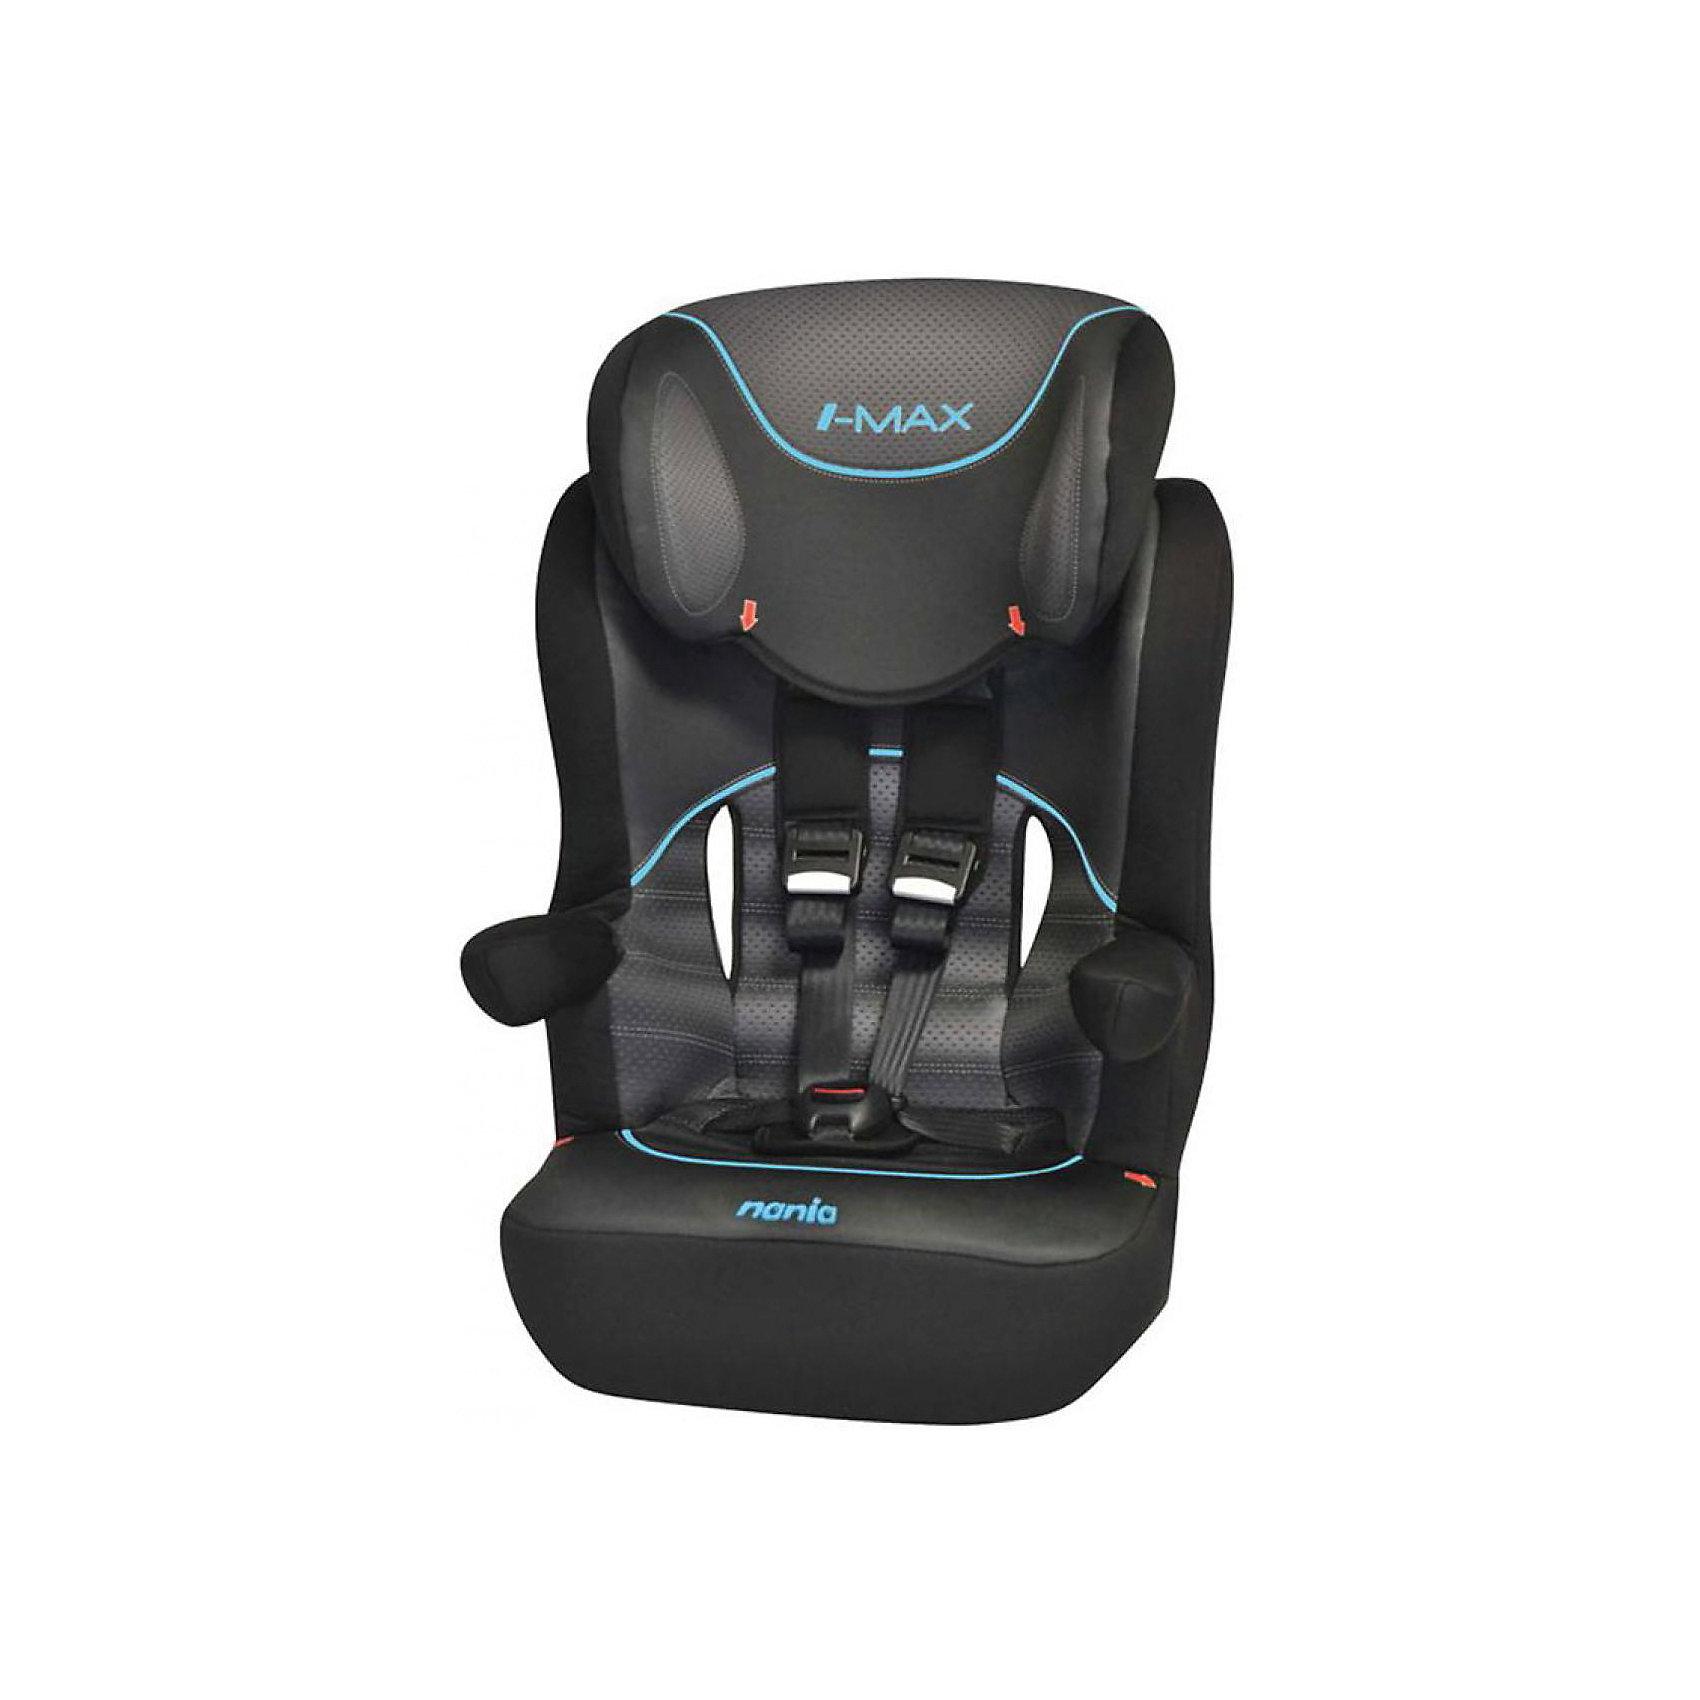 Автокресло Imax SP FST 9-36 кг., Nania, pop blackКачественное высокотехнологичное автокресло Imax SP FST от Nania позволит перевозить ребенка, не беспокоясь при этом о его безопасности. Оно предназначено для детей весом от 9 до 36 килограмм. Такое кресло обеспечит малышу не только безопасность, но и комфорт. Ребенок закрепляется  штатными автомобильными ремнями безопасности.<br>Автокресло устанавливают по ходу движения. Высокий уровень безопасности обеспечен благодаря цельному литому корпусу и продуманной конструкции автокресла. Такое кресло дает возможность свободно путешествовать, ездить в гости и при этом  быть рядом с малышом. Конструкция - очень удобная и прочная. Изделие произведено из качественных и безопасных для малышей материалов, оно соответствуют всем современным требованиям безопасности. Дополнено съемным чехлом, который можно стирать. Отлично показало себя на краш0тестах.<br> <br>Дополнительная информация:<br><br>цвет: черный, серый;<br>материал: текстиль, пластик;<br>вес ребенка:  9 до 36 кг;<br>вес кресла: 10,5 кг;<br>литой корпус;<br>съемный чехол.<br><br>Автокресло Imax SP FST от компании Nania можно купить в нашем магазине.<br><br>Ширина мм: 500<br>Глубина мм: 450<br>Высота мм: 710<br>Вес г: 10520<br>Возраст от месяцев: 9<br>Возраст до месяцев: 144<br>Пол: Унисекс<br>Возраст: Детский<br>SKU: 4860511